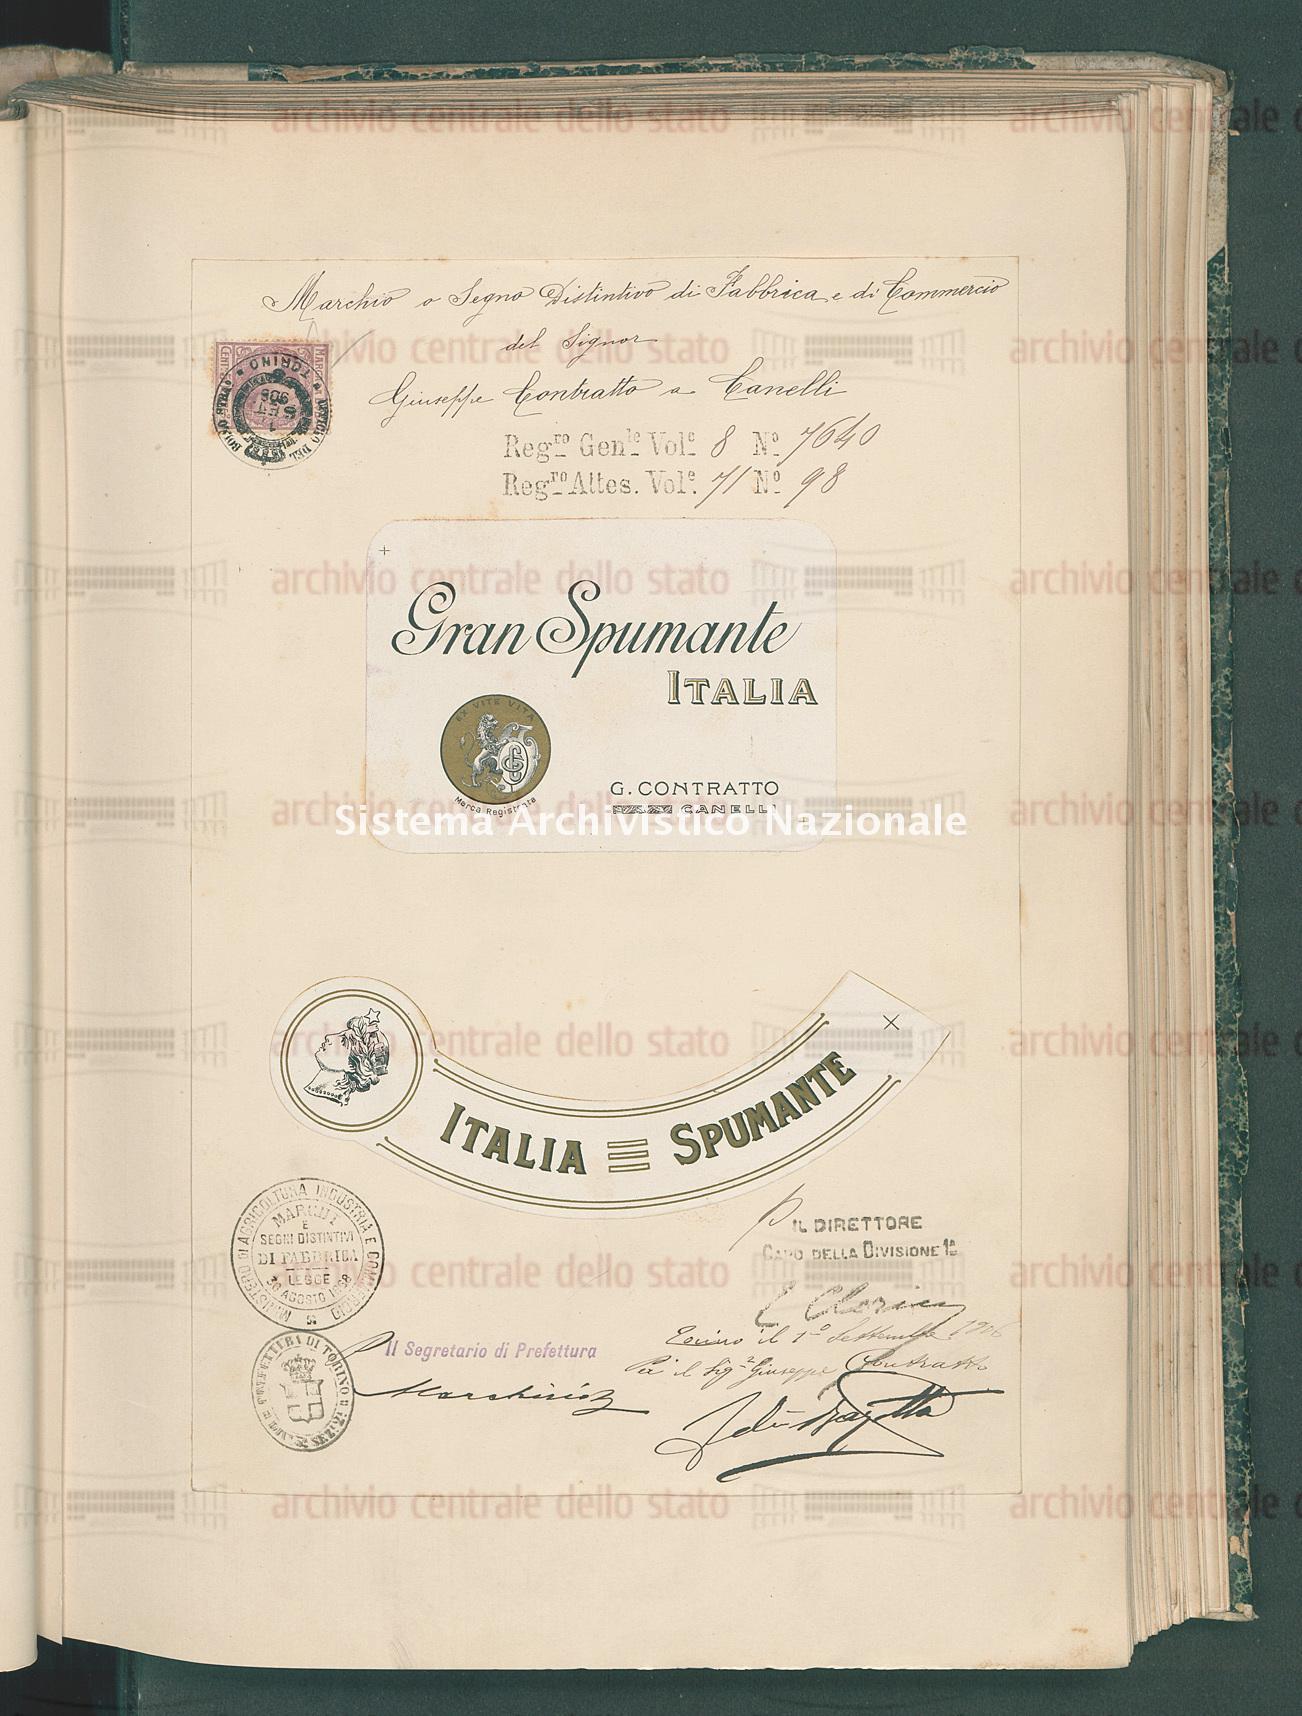 Contratto Giuseppe (22/11/1906)